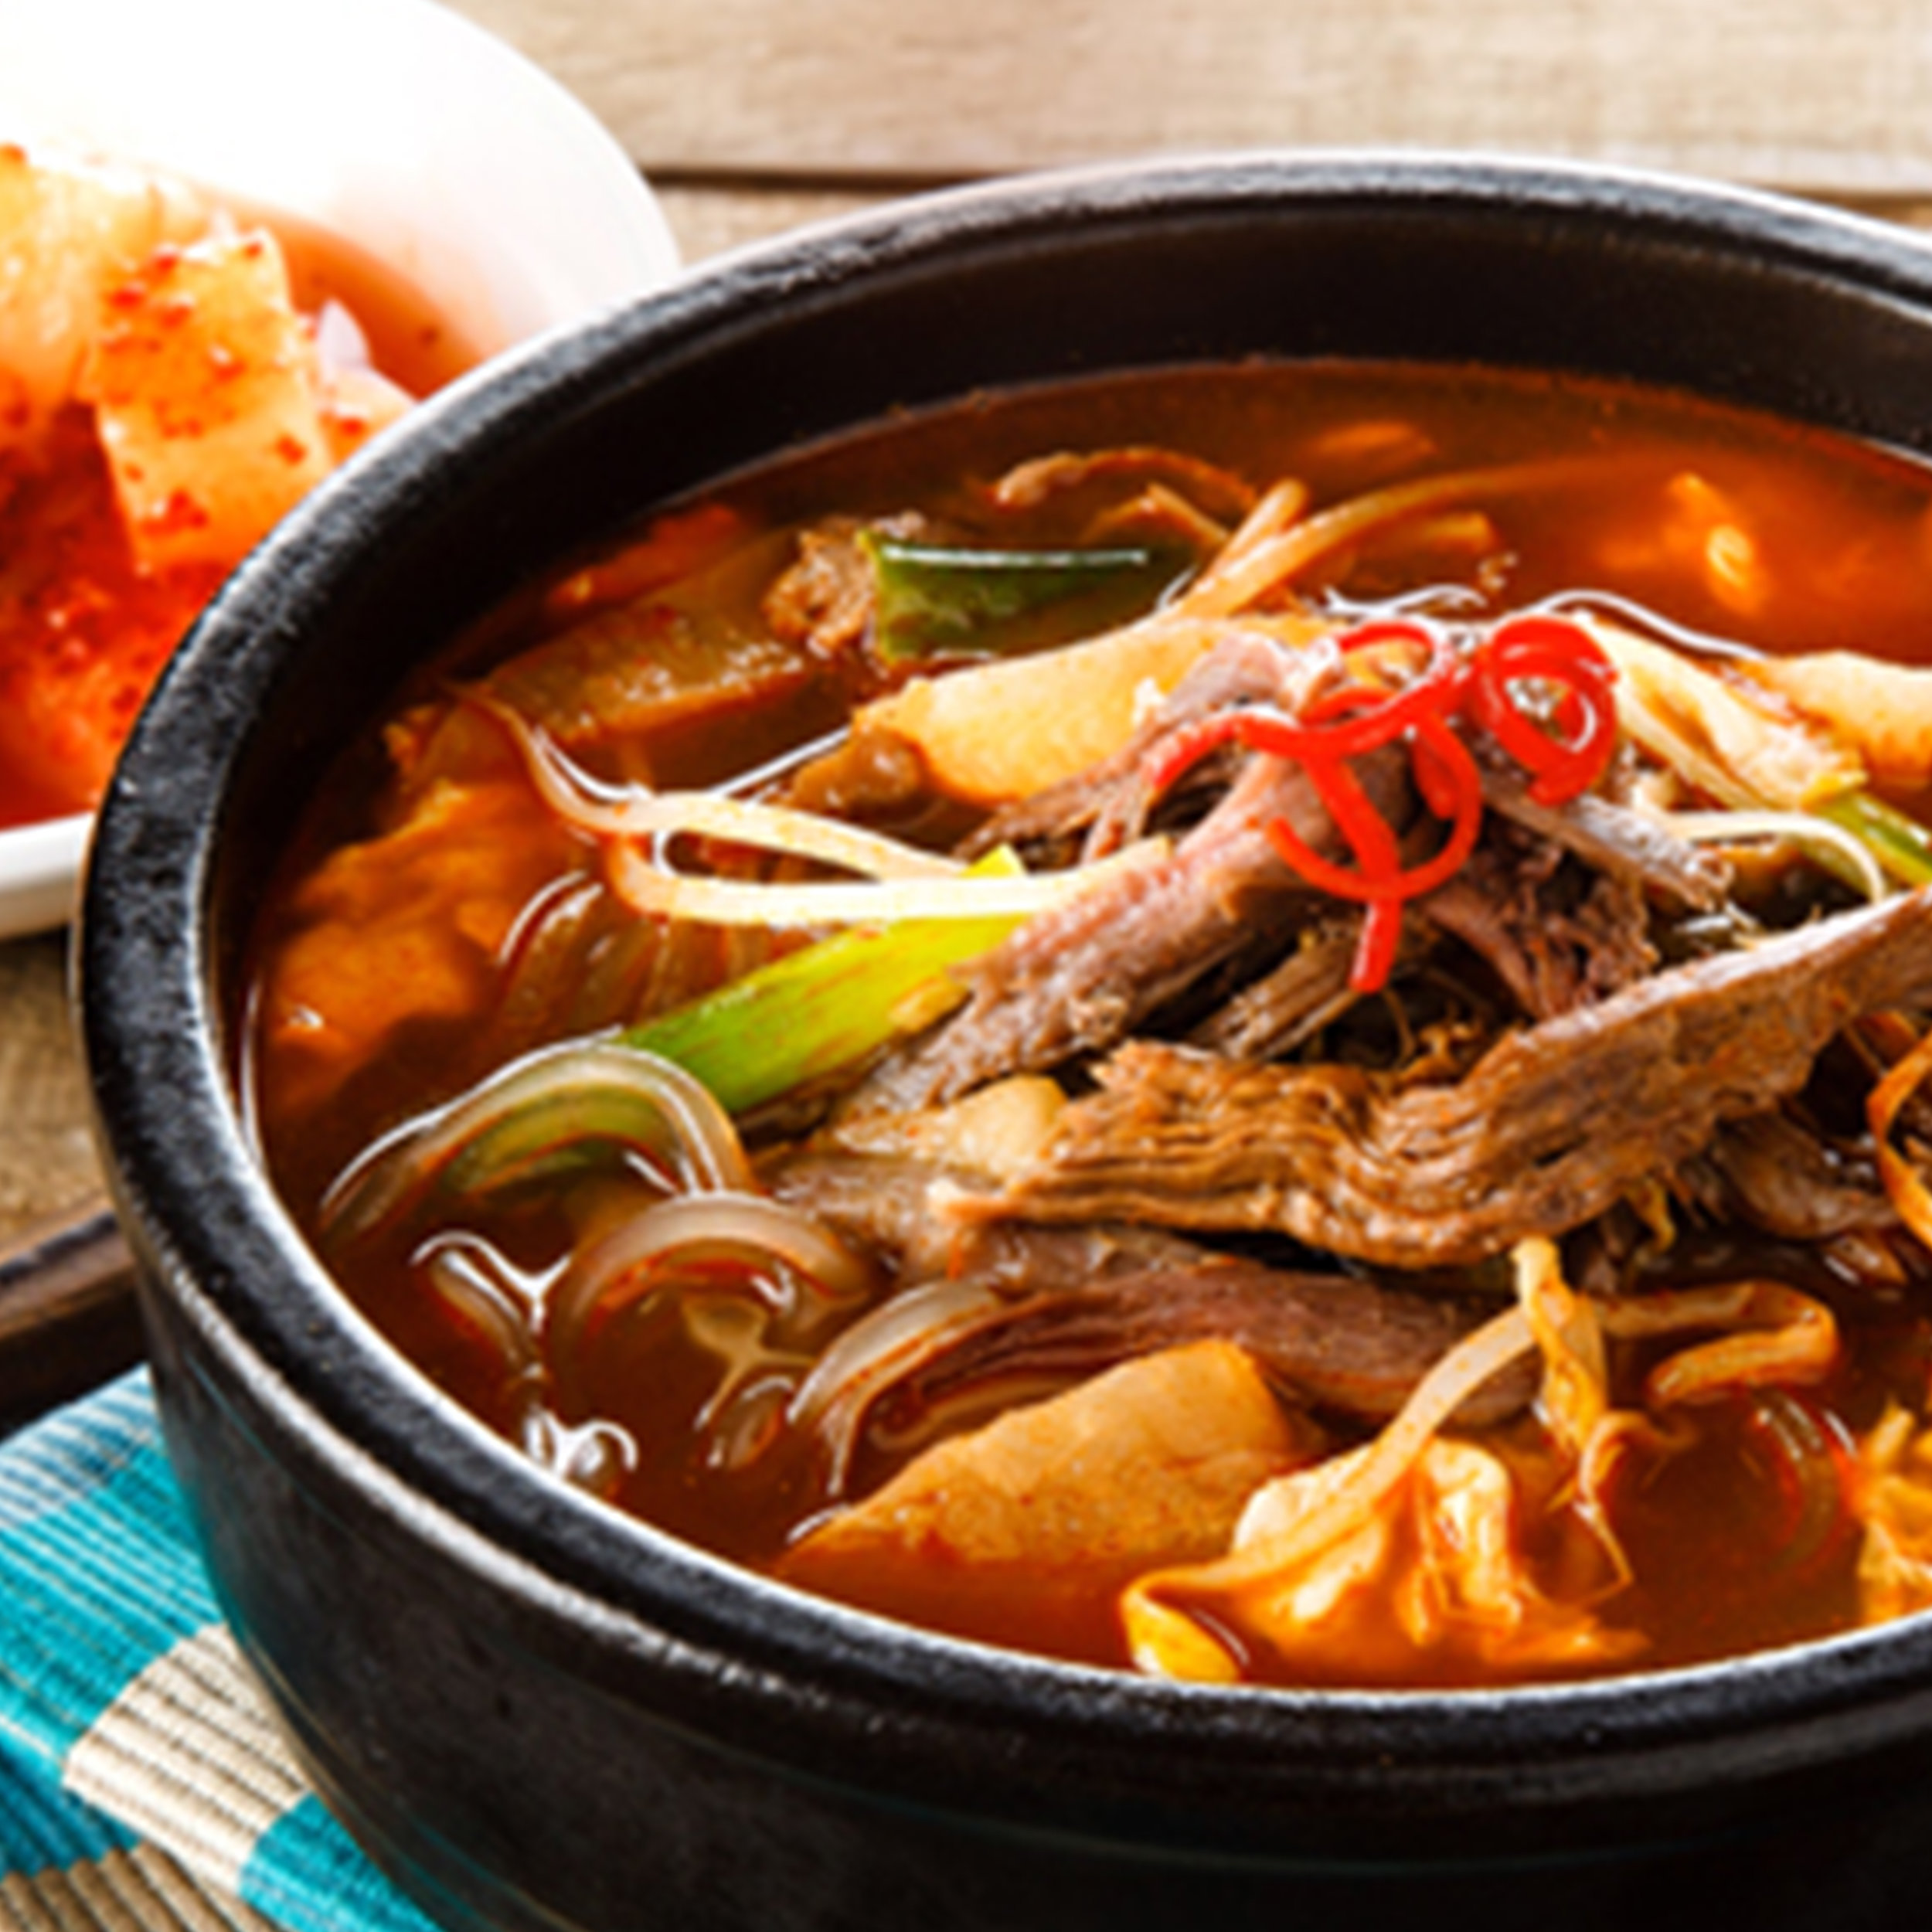 L14 Spicy Beef Stew Kimchi Korean Restaurant